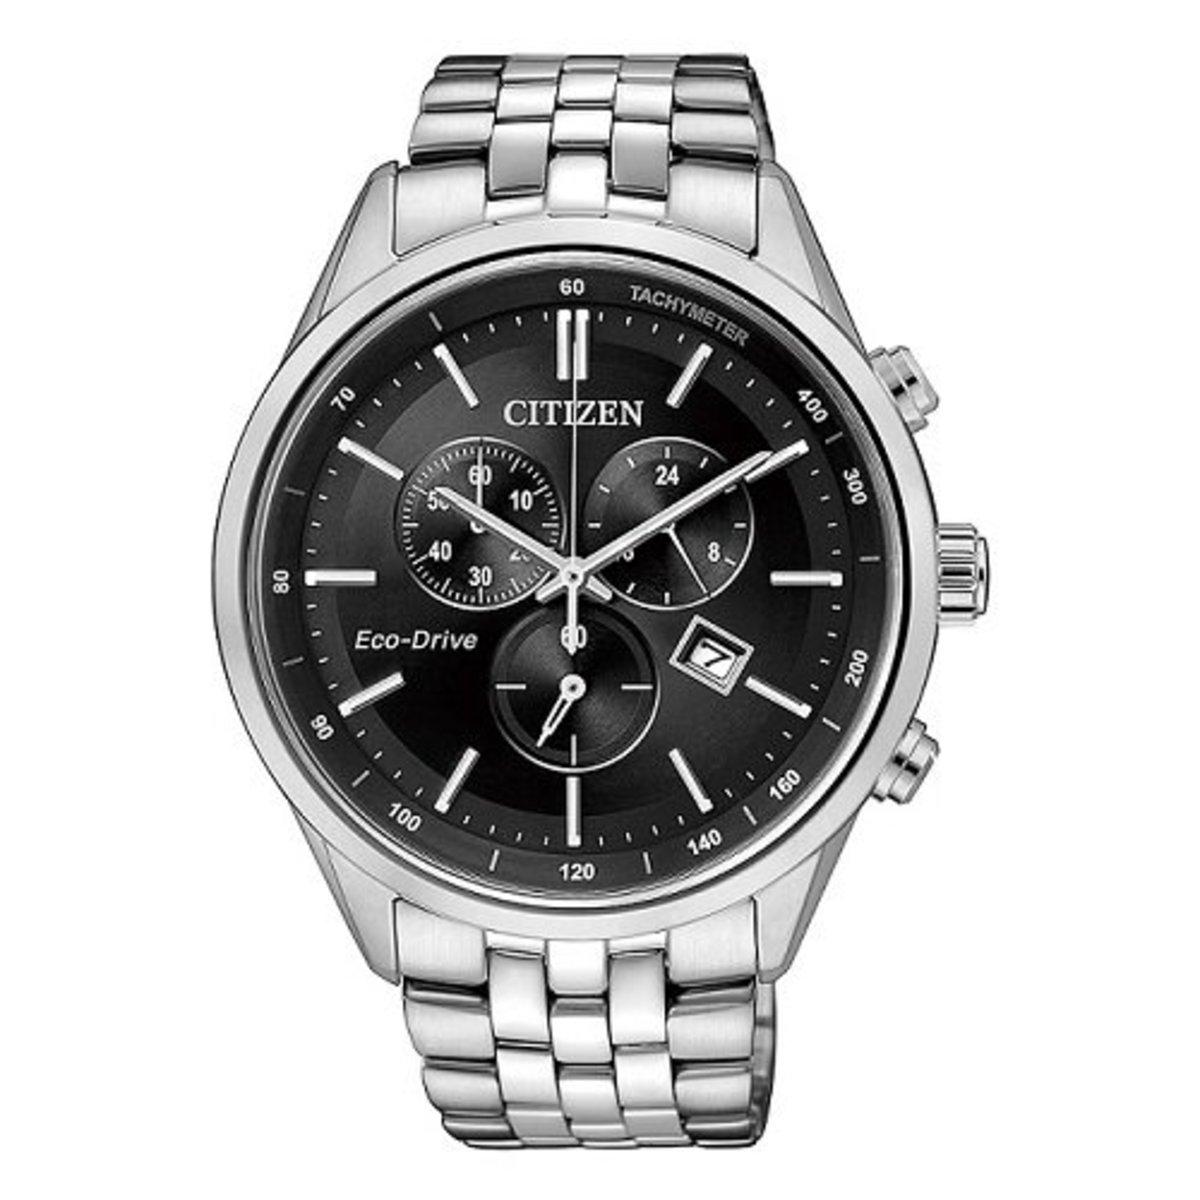 Citizen AT2140-55E 光動能男士手錶 平行進口